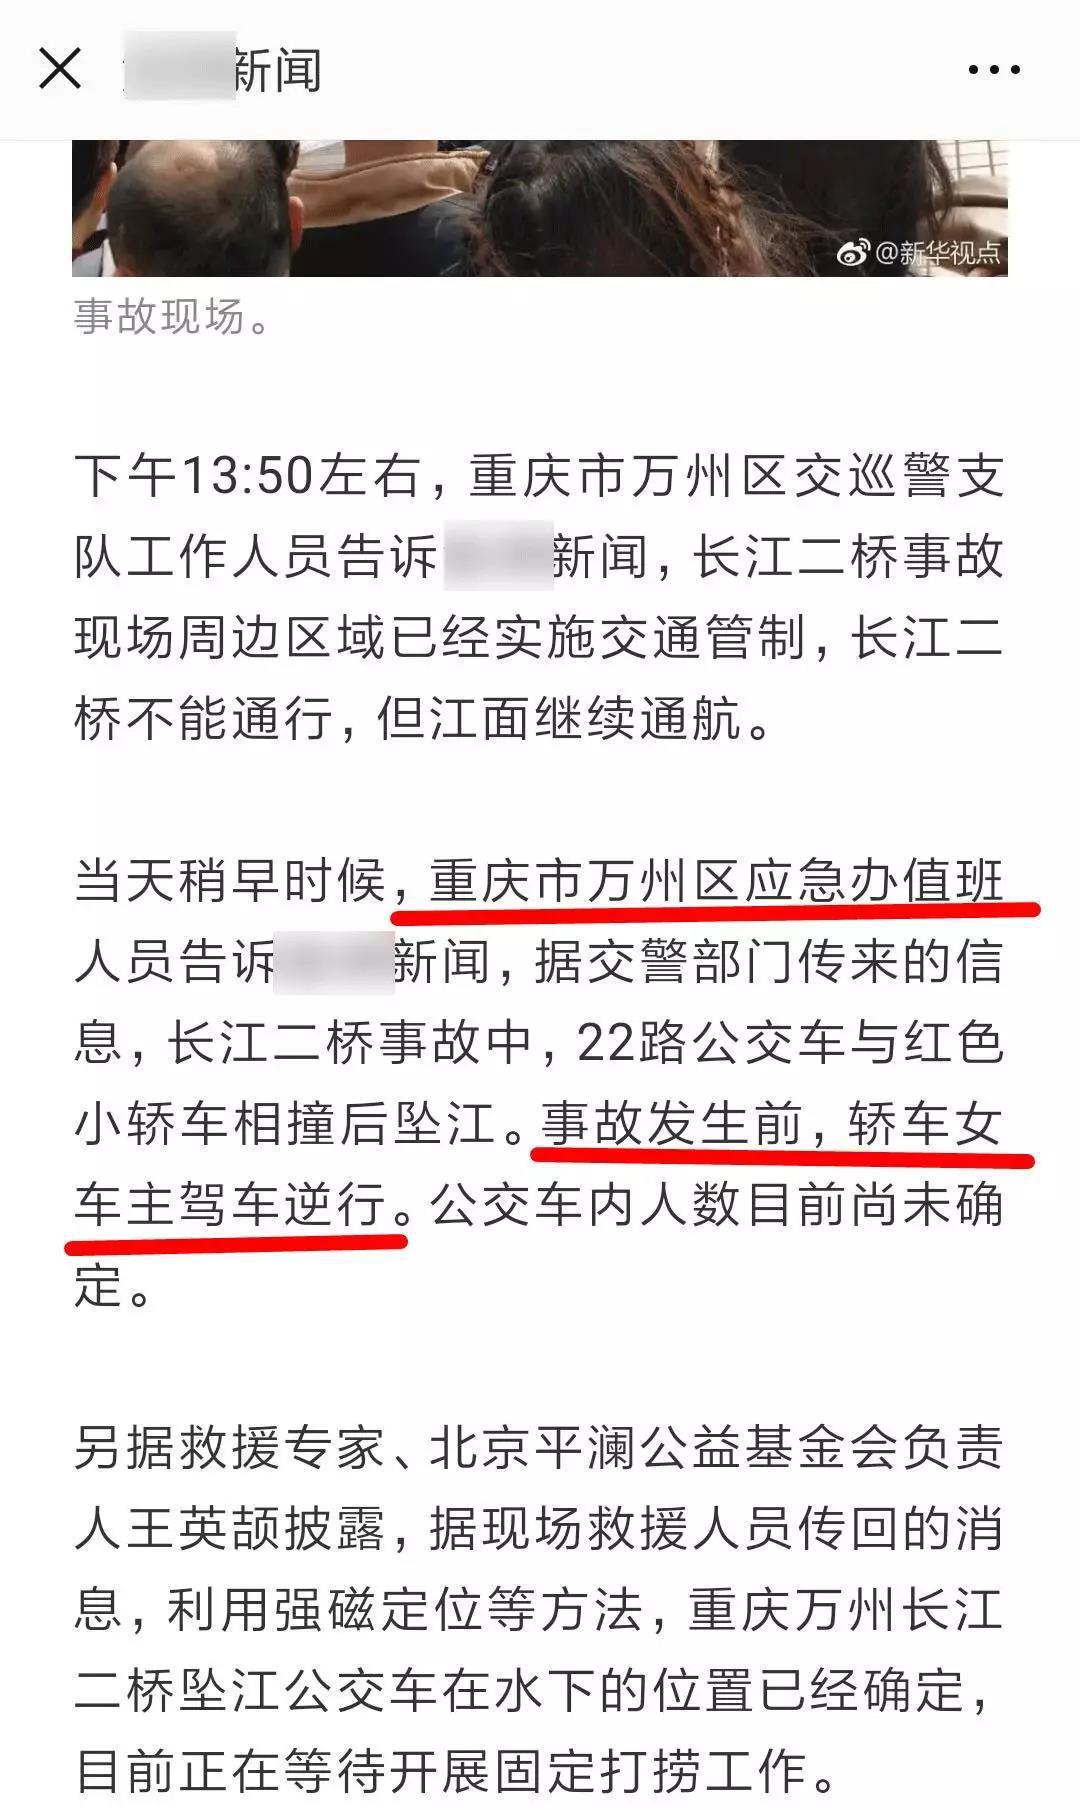 重庆公交坠江事件反转:请为女司机洗去污名!